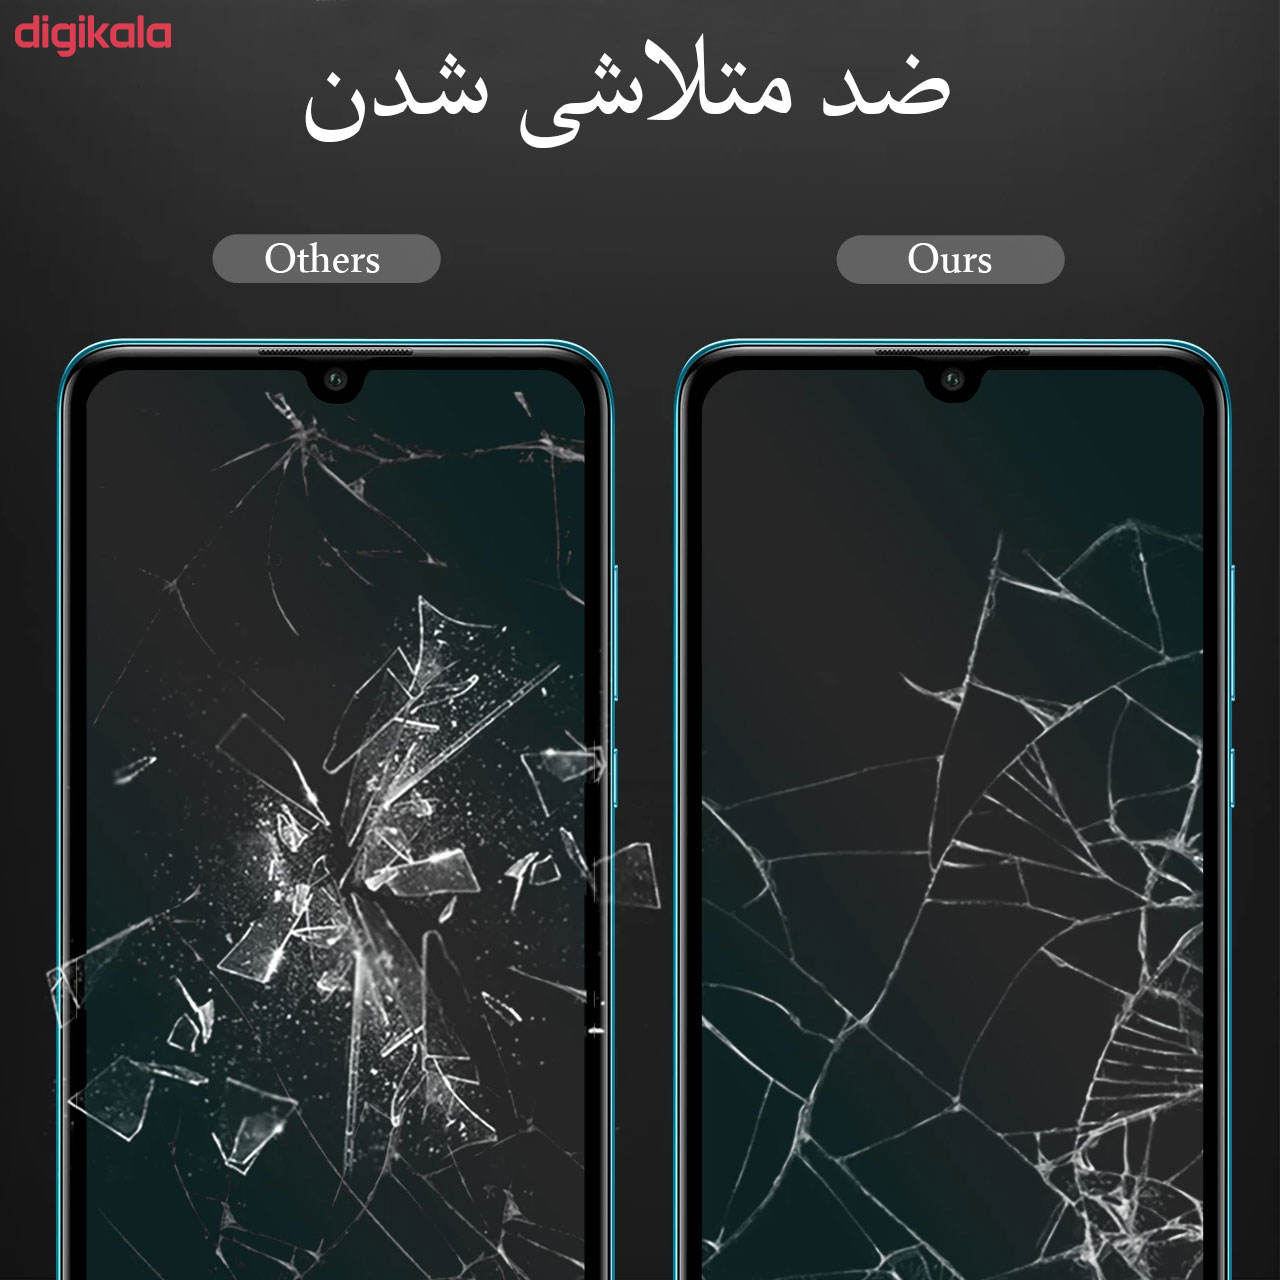 محافظ صفحه نمایش مدل FCG مناسب برای گوشی موبایل سامسونگ Galaxy M20 main 1 5